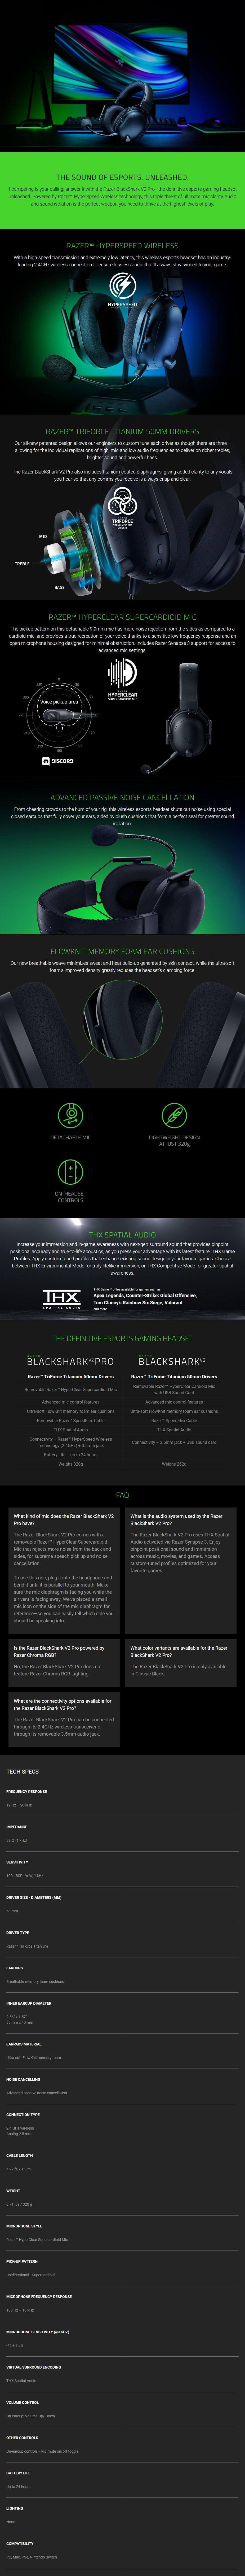 razer-blackshark-v2-pro-wireless-gaming-headset-ac38637-7.jpg